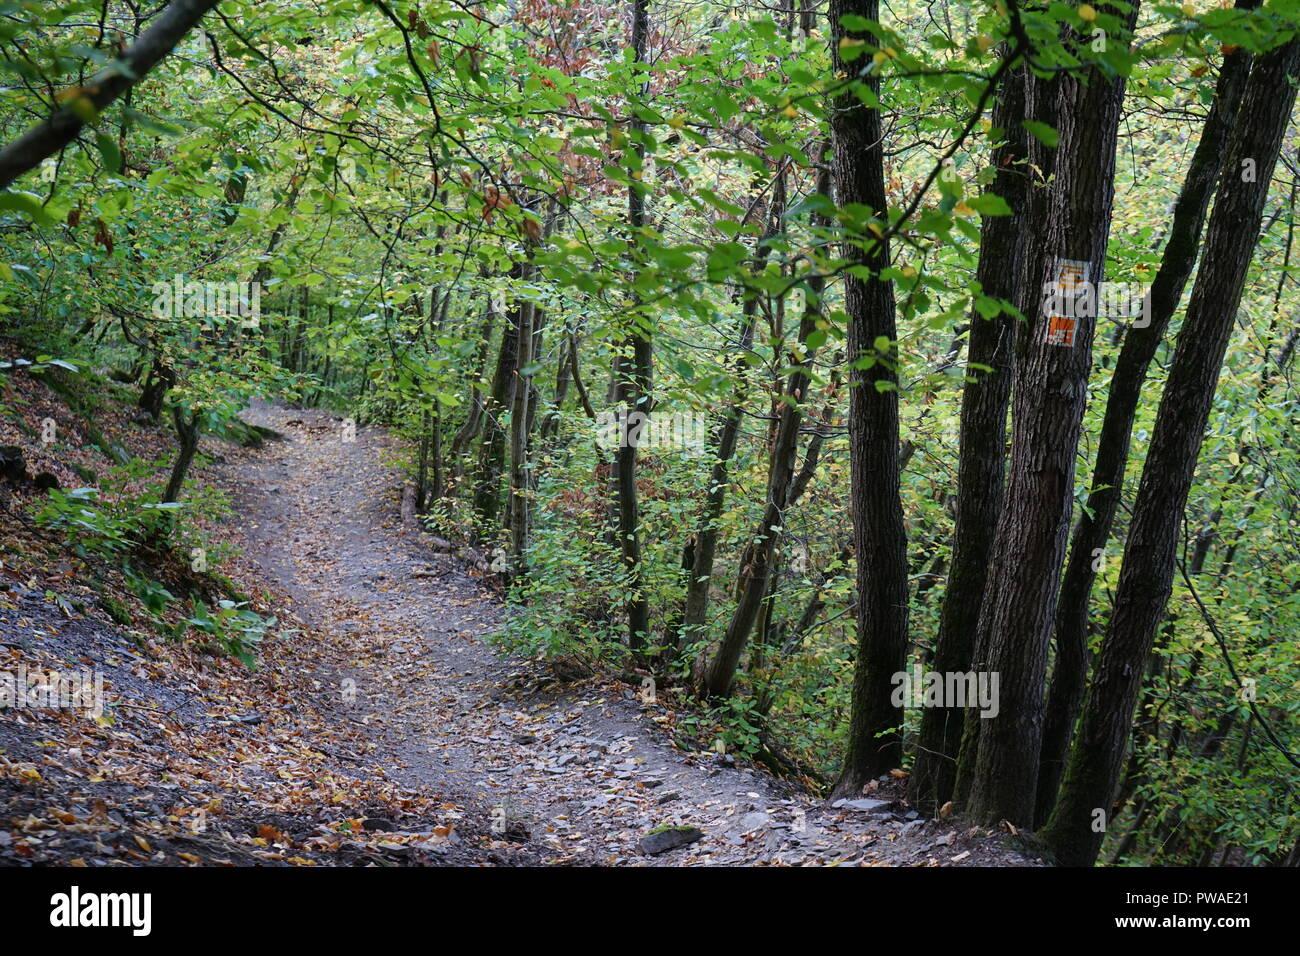 Wanderweg am Moselsteig, bei Hatzenport, Moseltal, Deutschland - Stock Image